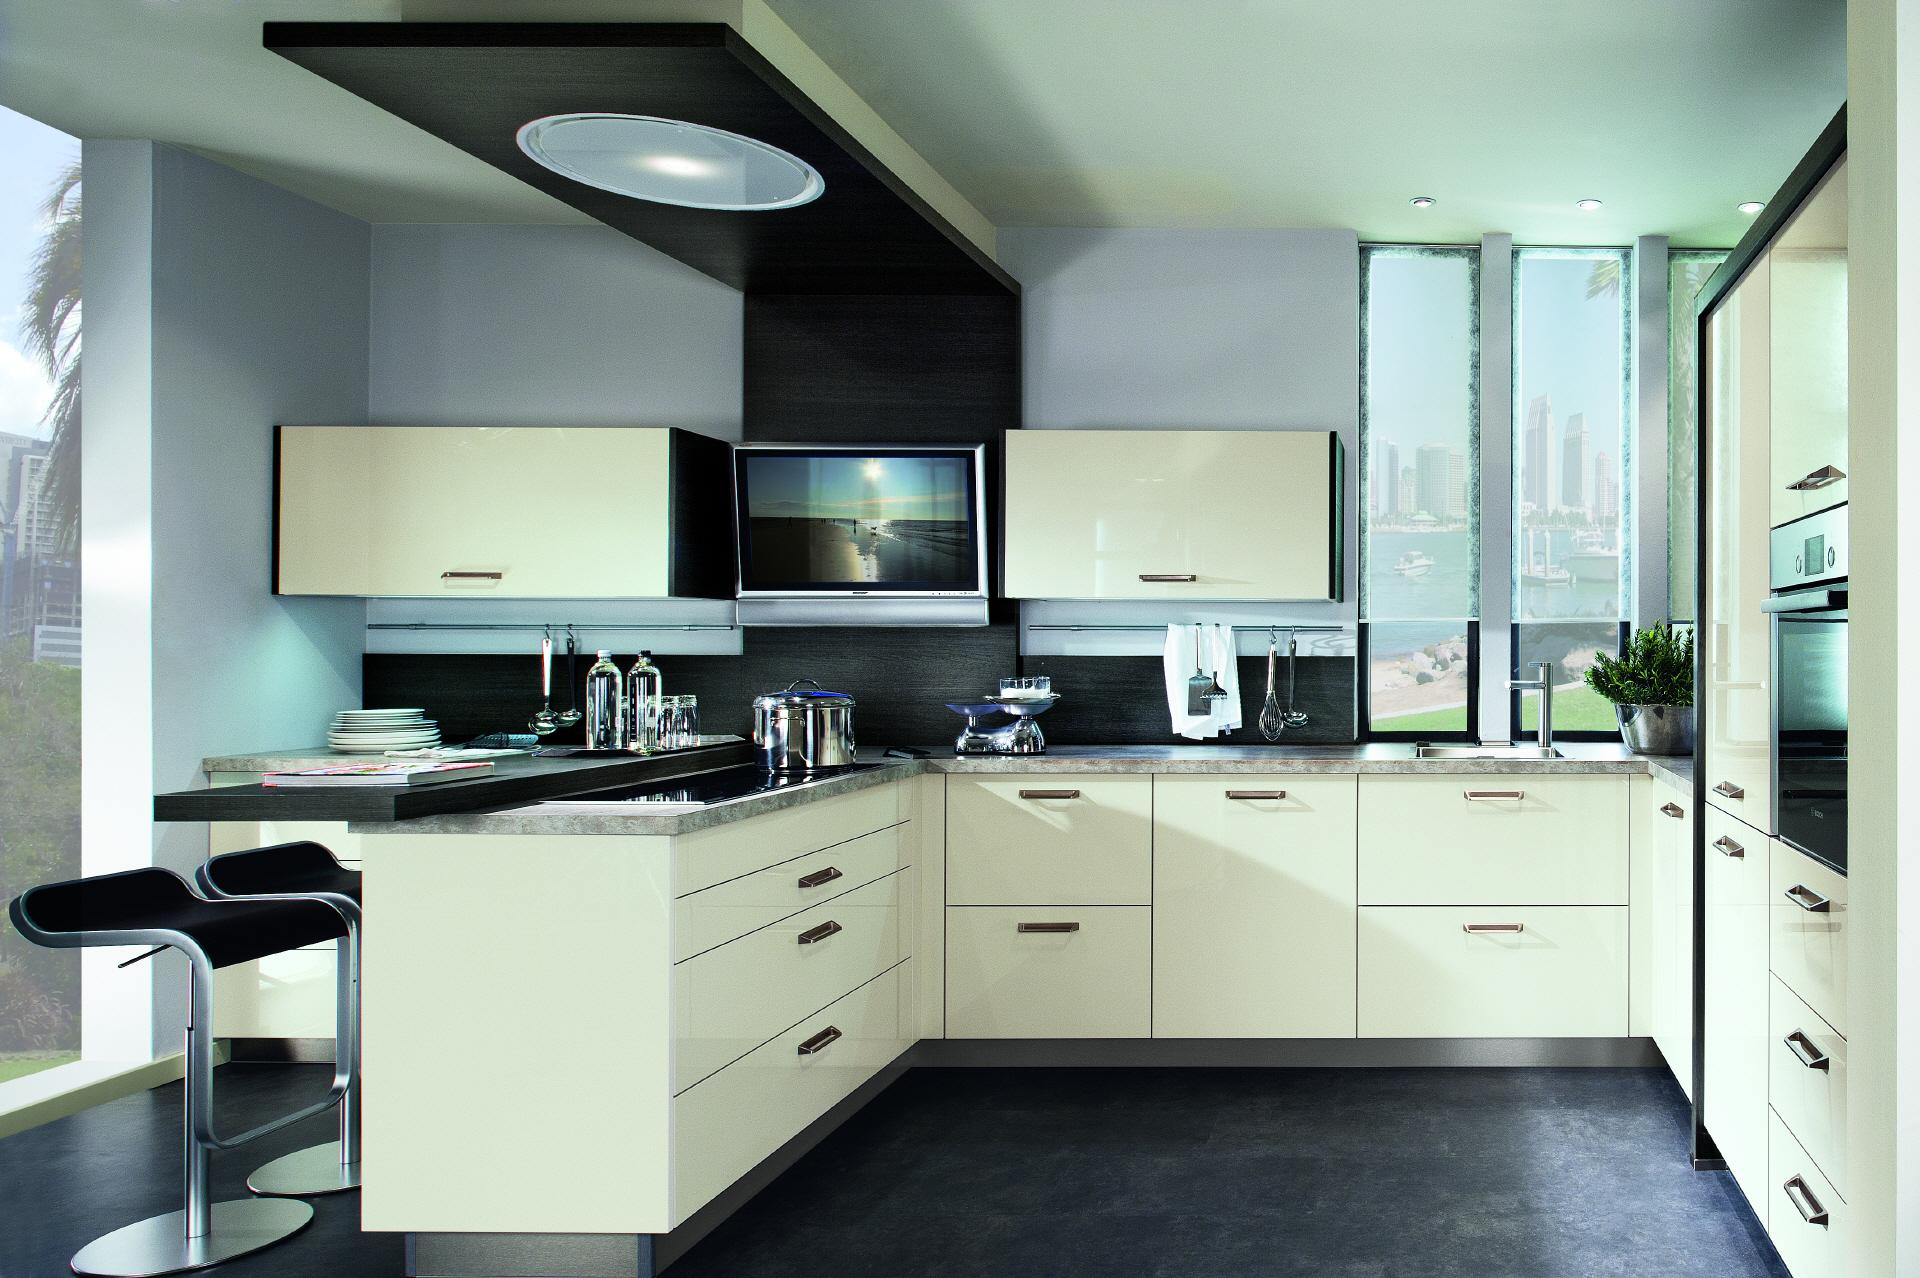 Designer Küchen päsentiert vom Küchenprofi Küchenherbert aus Storkow